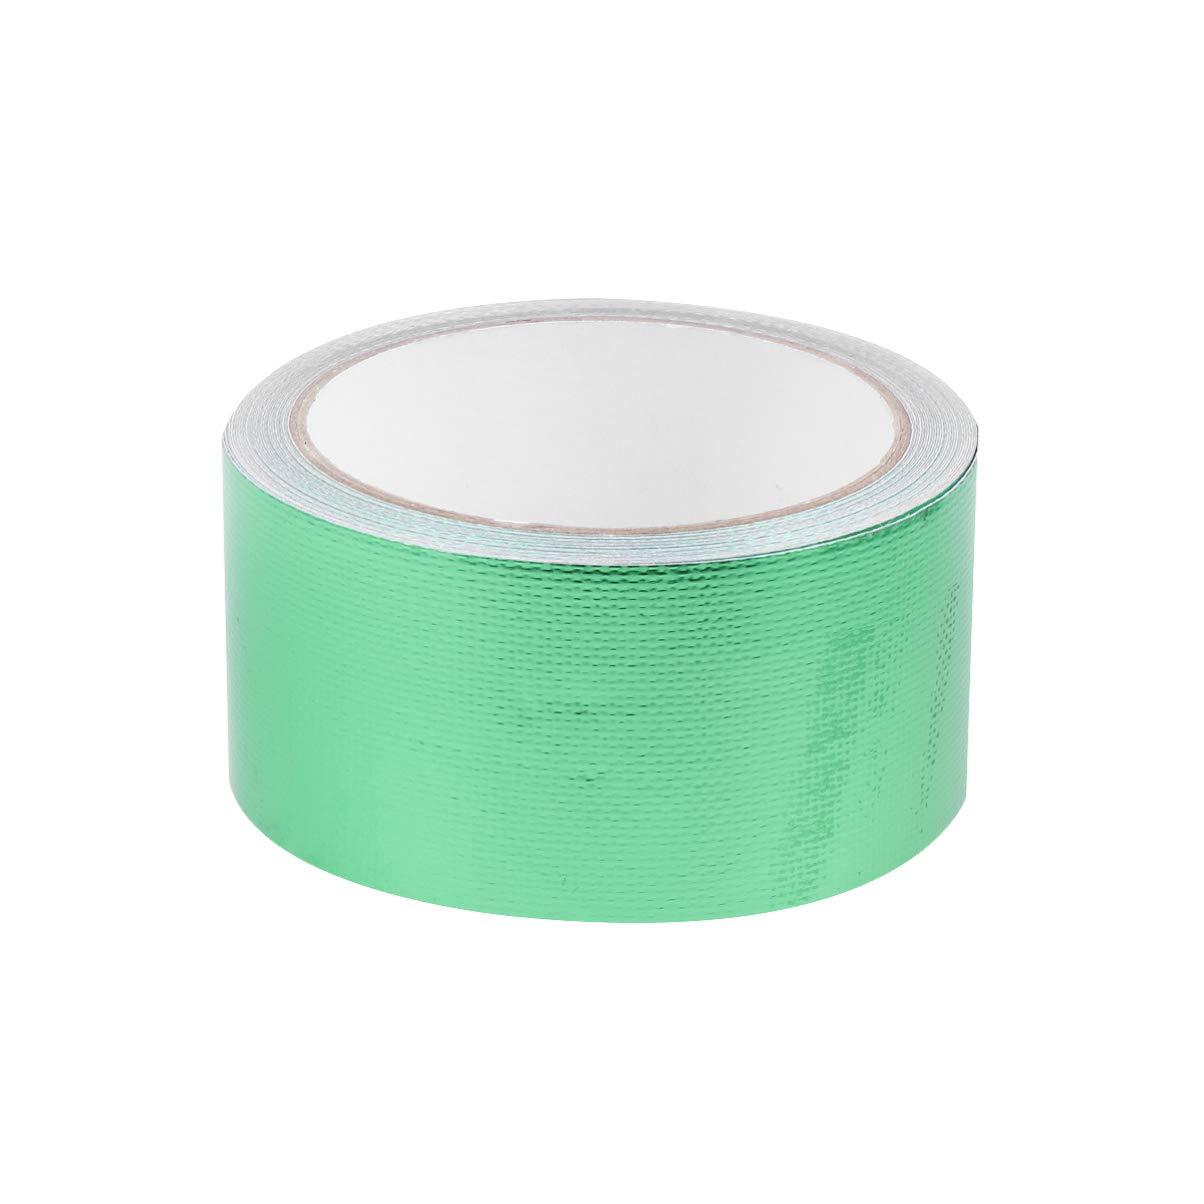 DOITOOL Cinta de reparaci/ón de carpas Techo duradero y cinta de impermeabilizaci/ón parche de pl/ástico adhesivo para carpa de viaje al aire libre